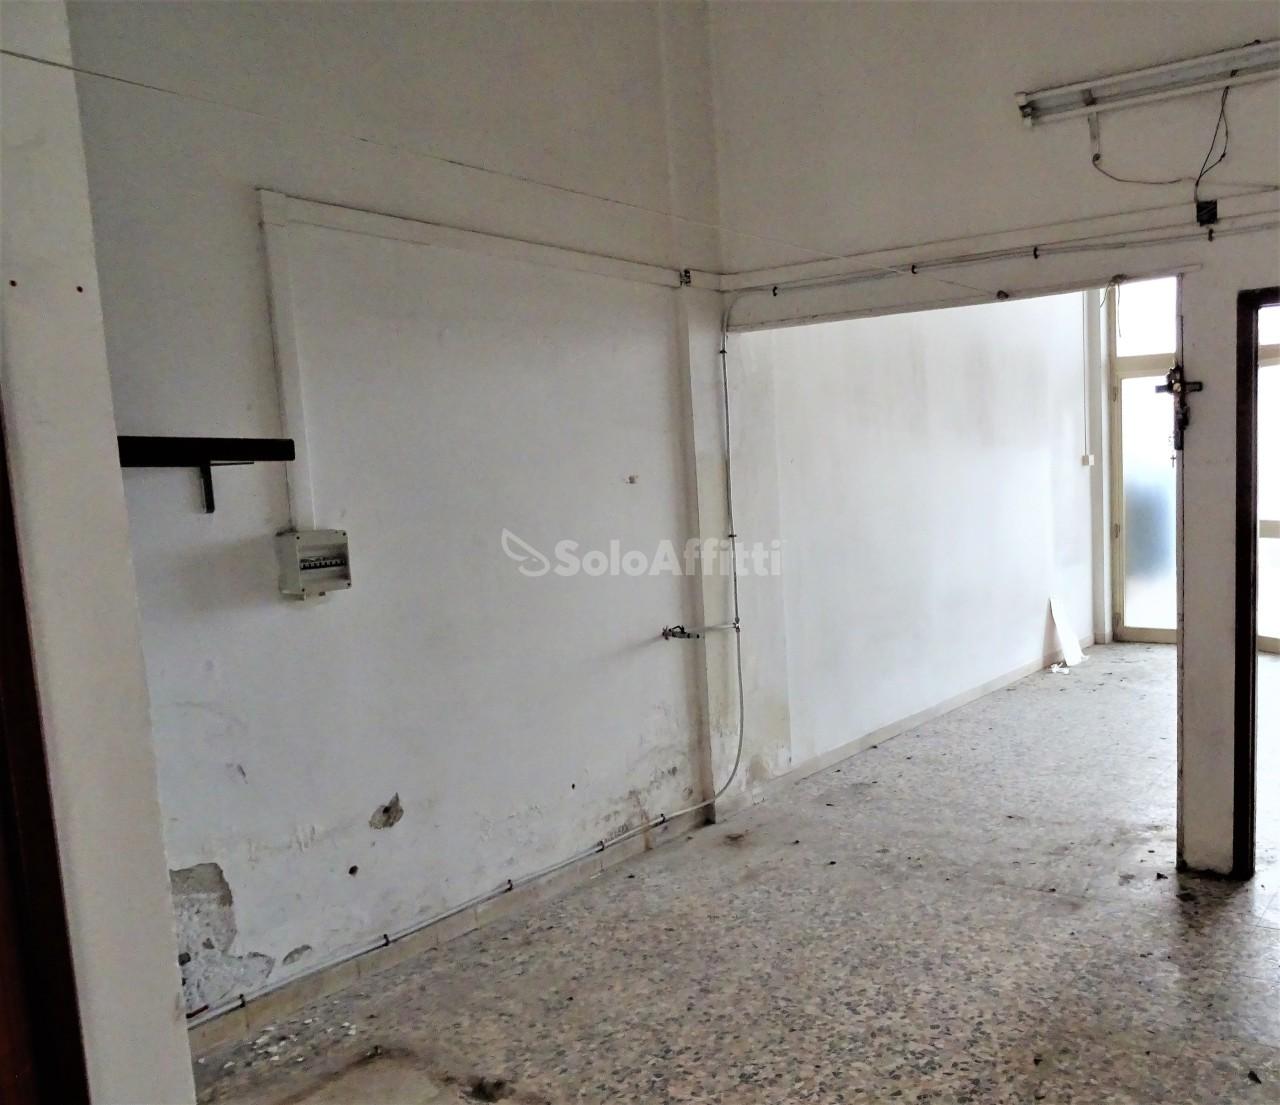 Fondo/negozio - 1 vetrina/luce a Marzocca, Senigallia